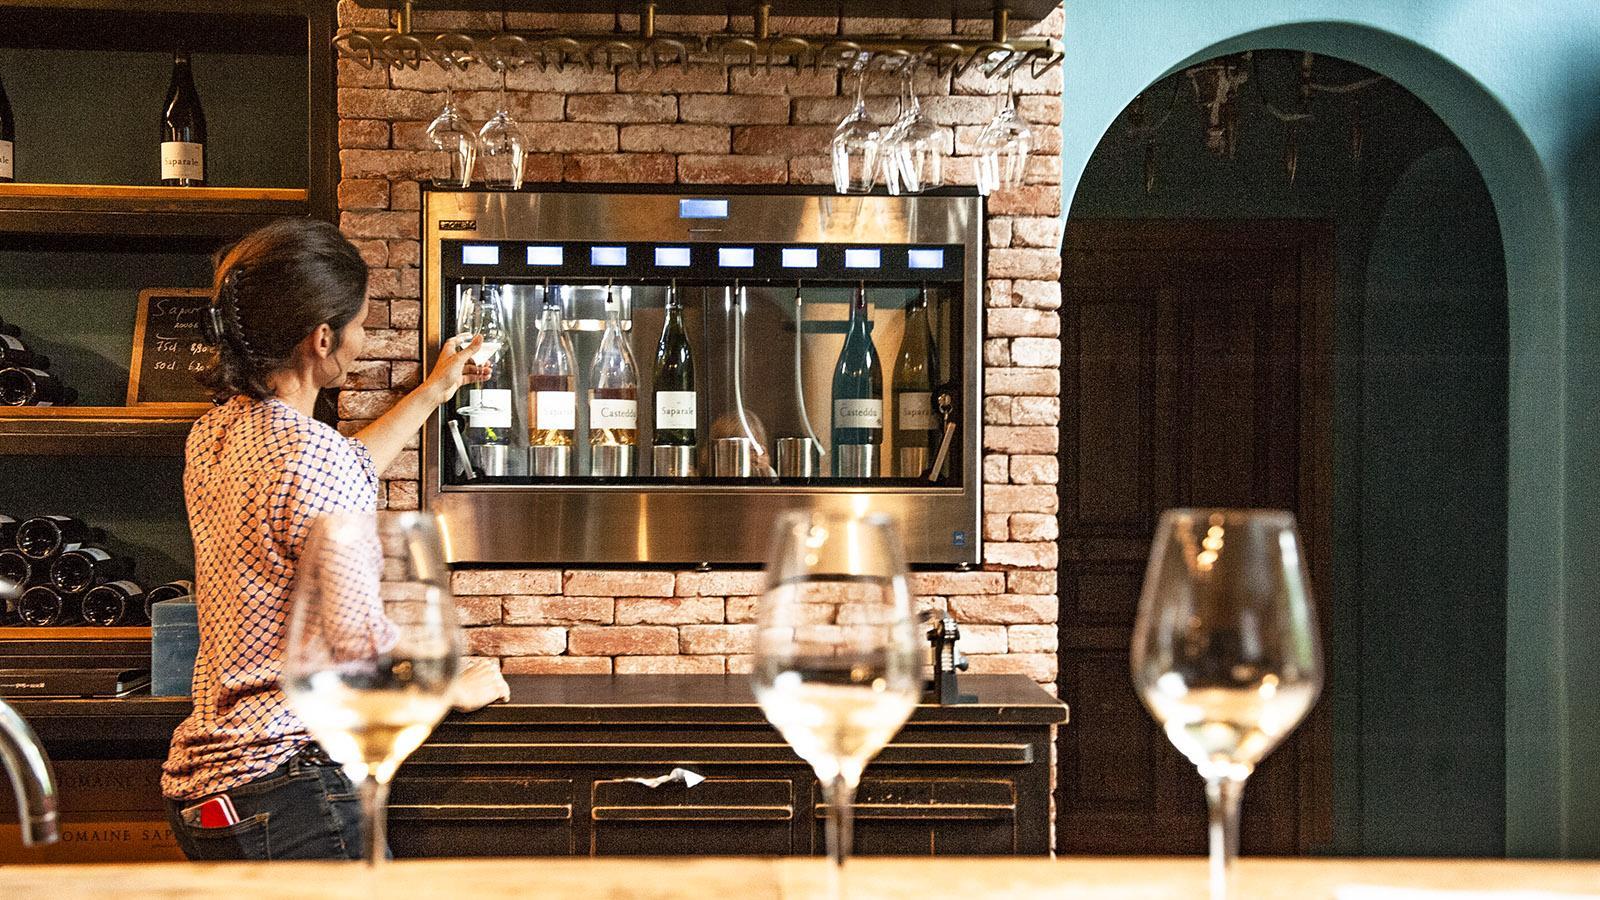 Julie Farinelli vom Weingut Saparale zapft Wein. Foto: Hilke Maunder